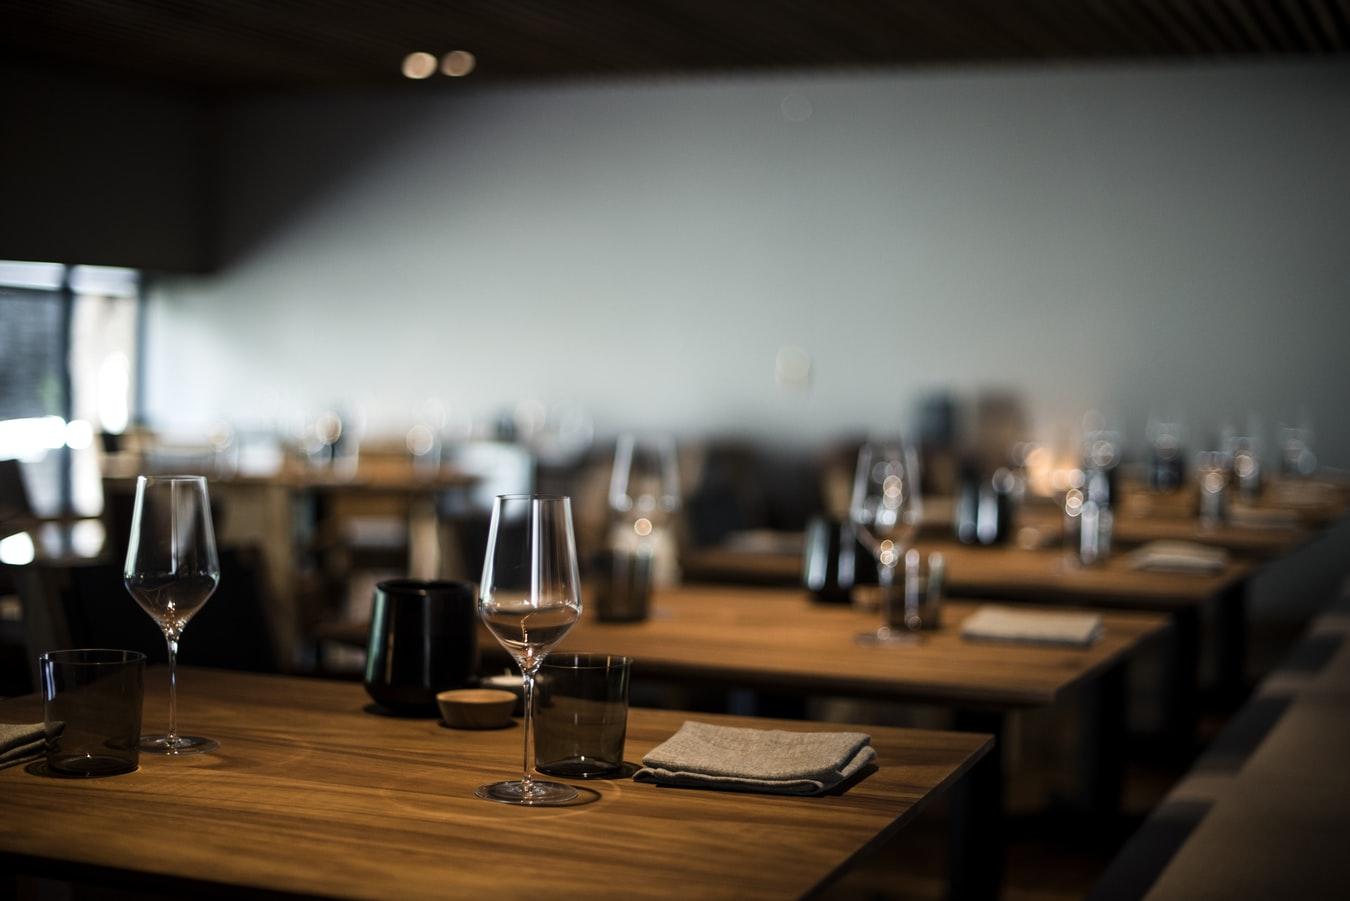 Estas son las nuevas medidas de seguridad que deberán implementarse en bares y restaurantes de la CDMX